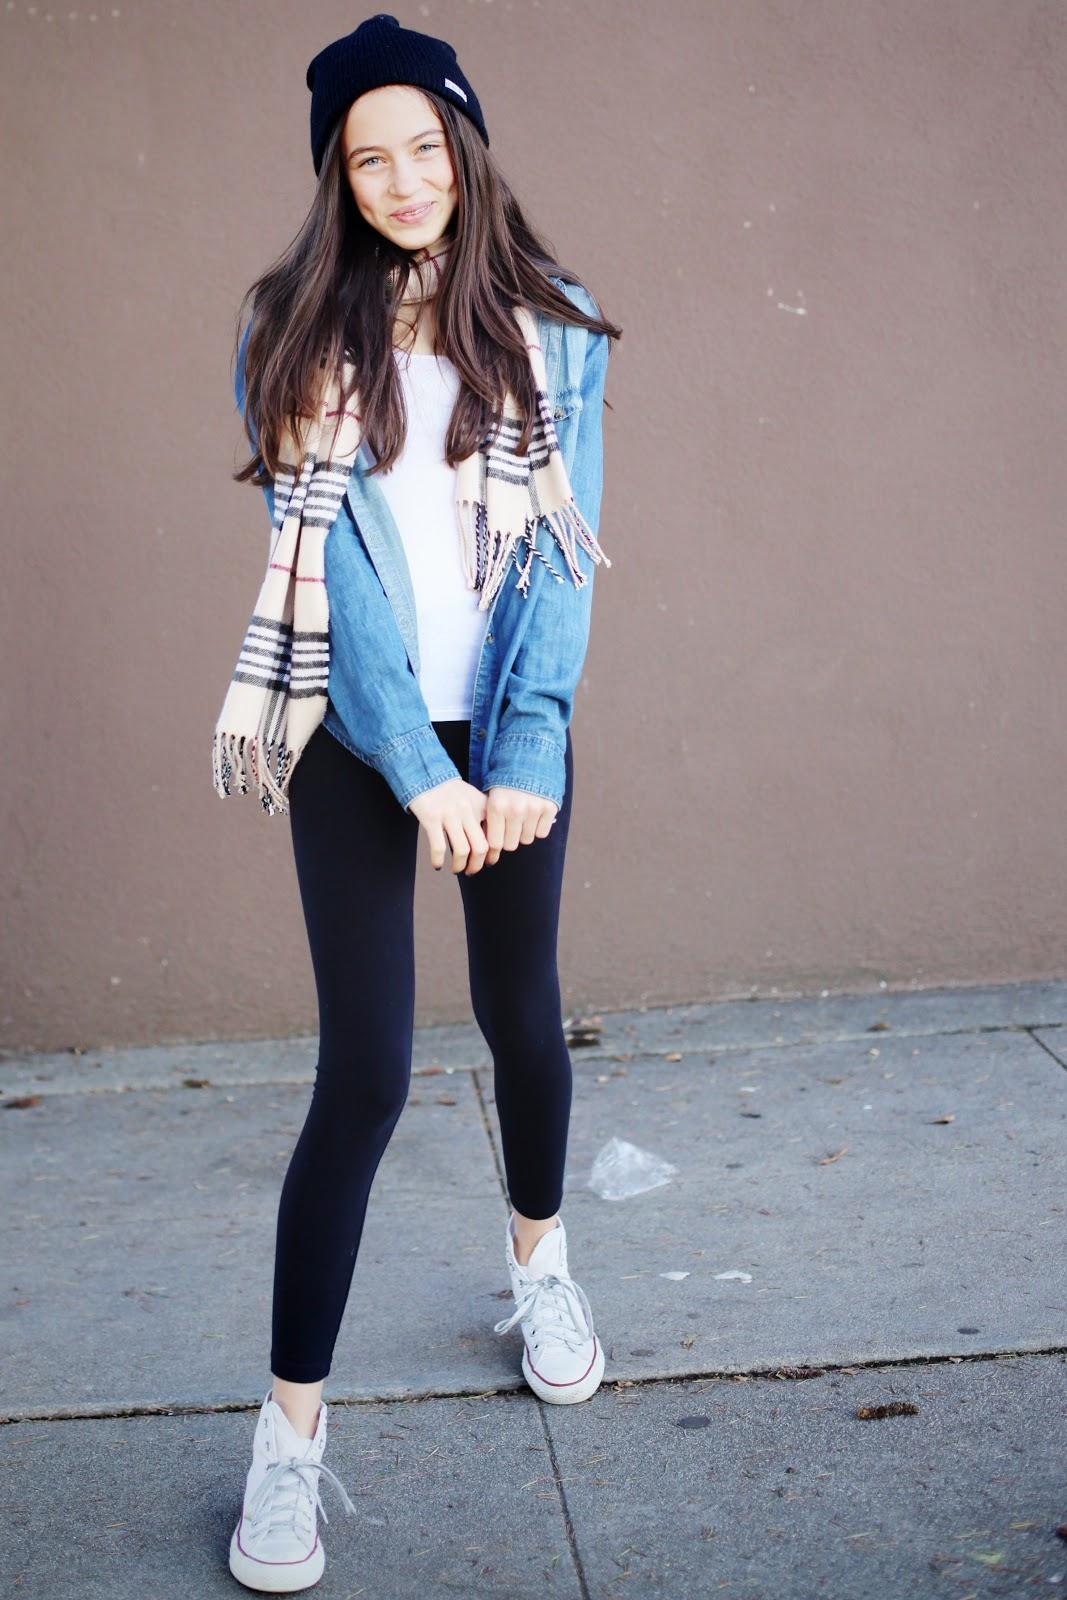 Phối quần legging với giày converse và chiếc áo len dài sẽ giúp nàng cá tính và thu hút  hơn